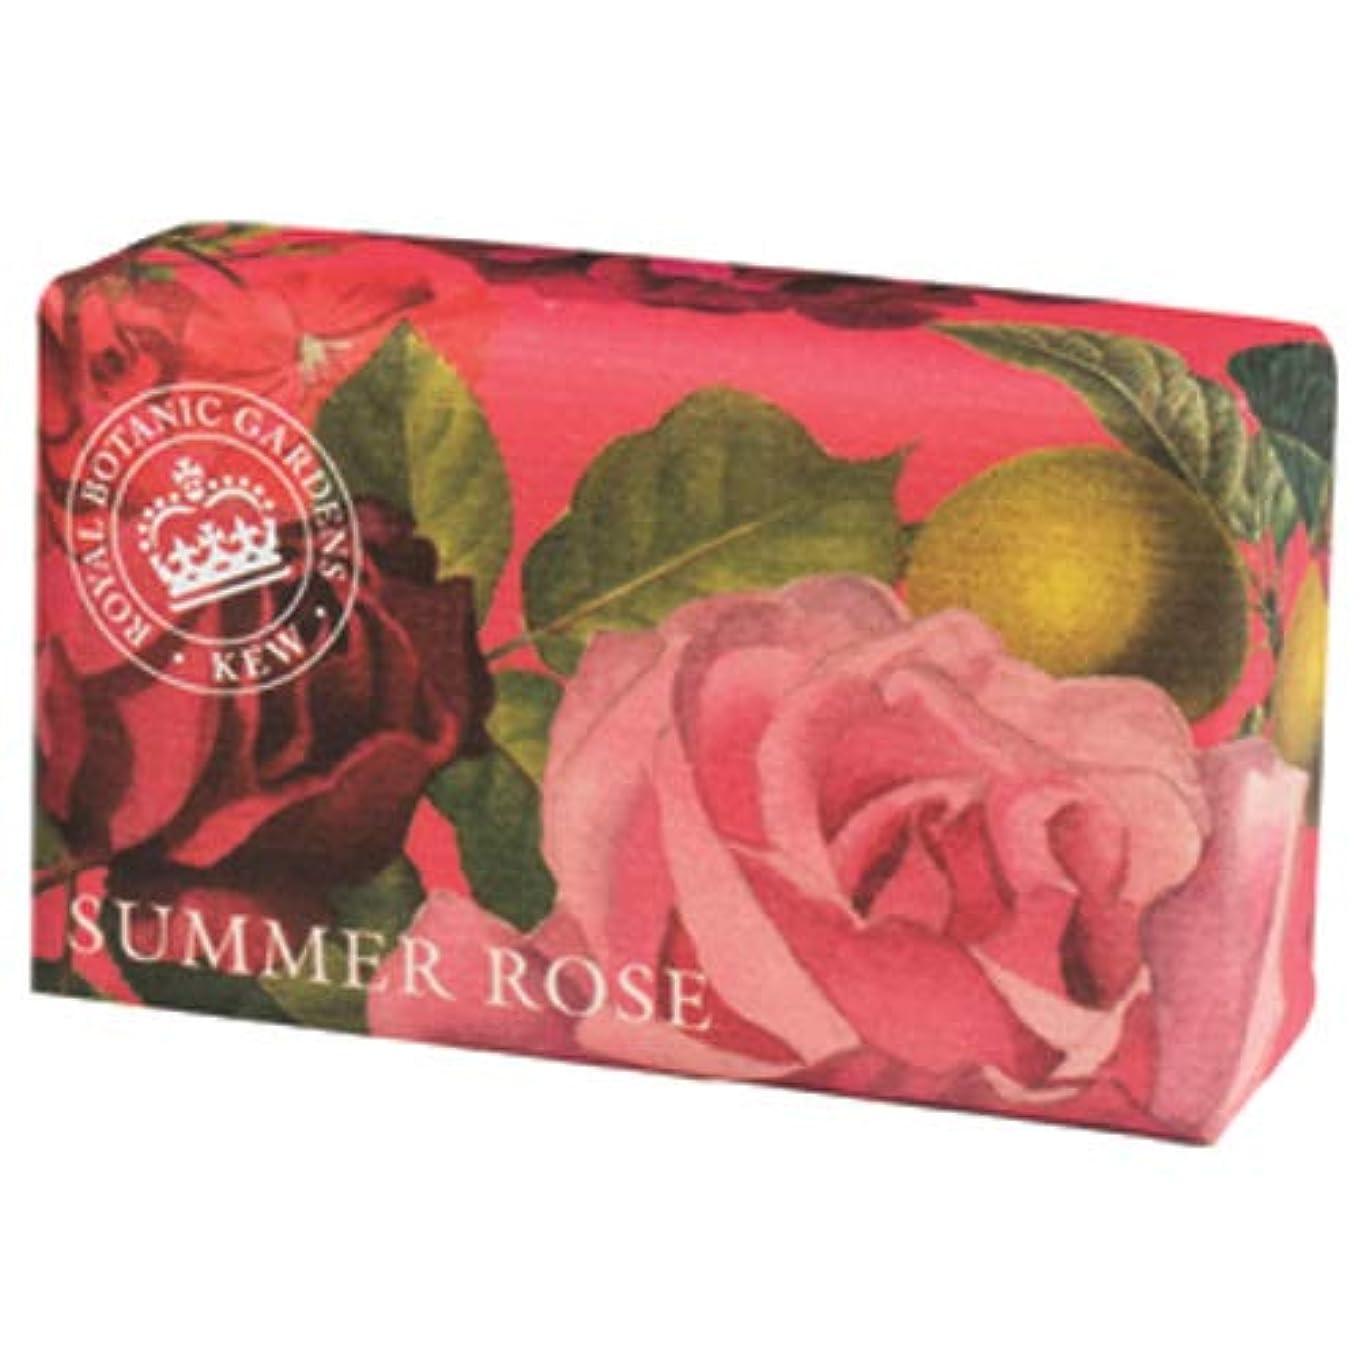 本カナダスラムEnglish Soap Company イングリッシュソープカンパニー KEW GARDEN キュー?ガーデン Luxury Shea Soaps シアソープ Summer Rose サマーローズ